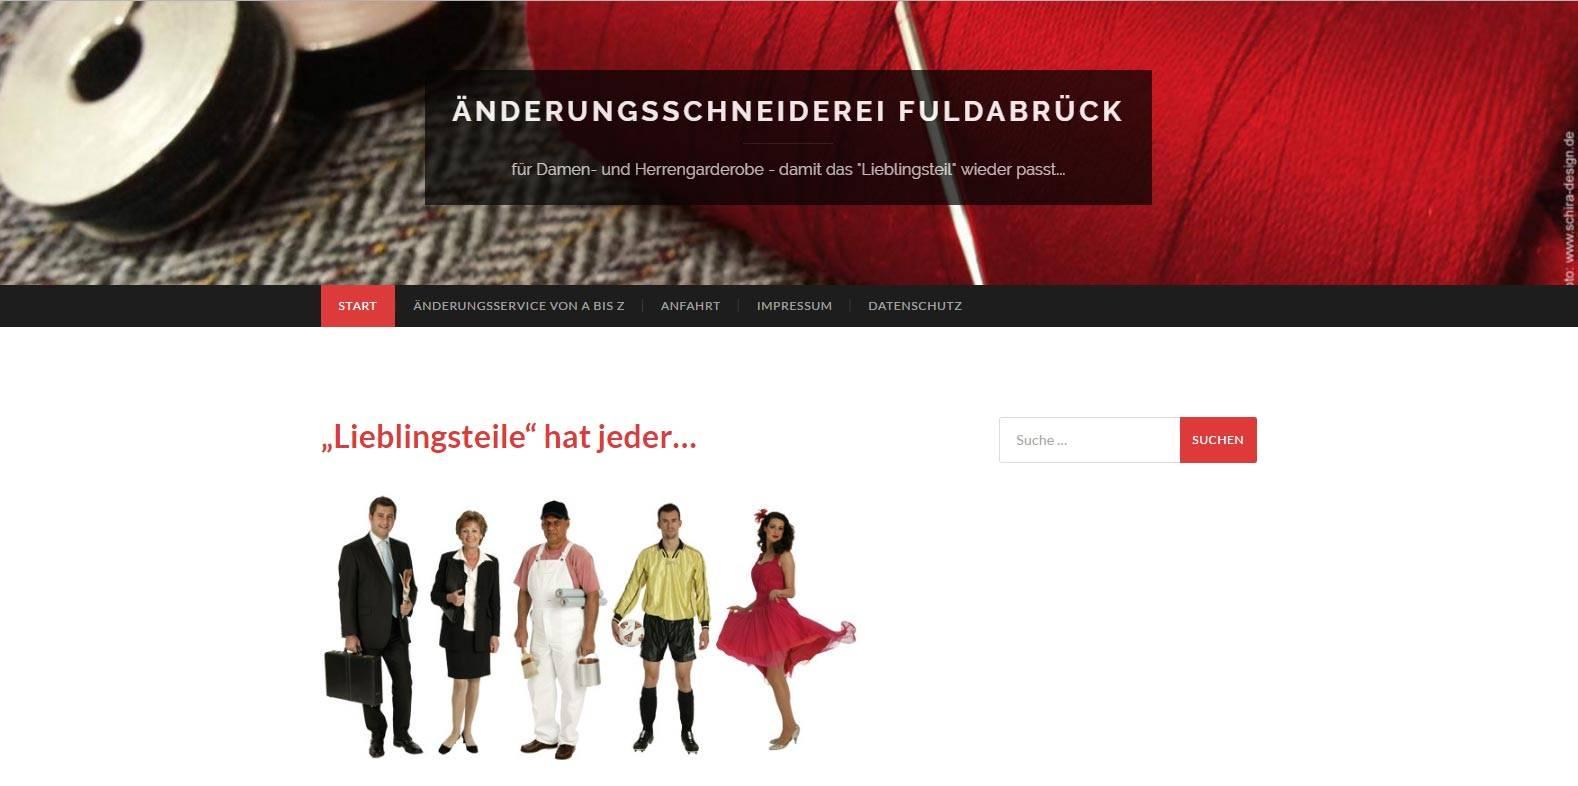 Homepage Erstellung für die Änderungsschneiderei Fuldabrück